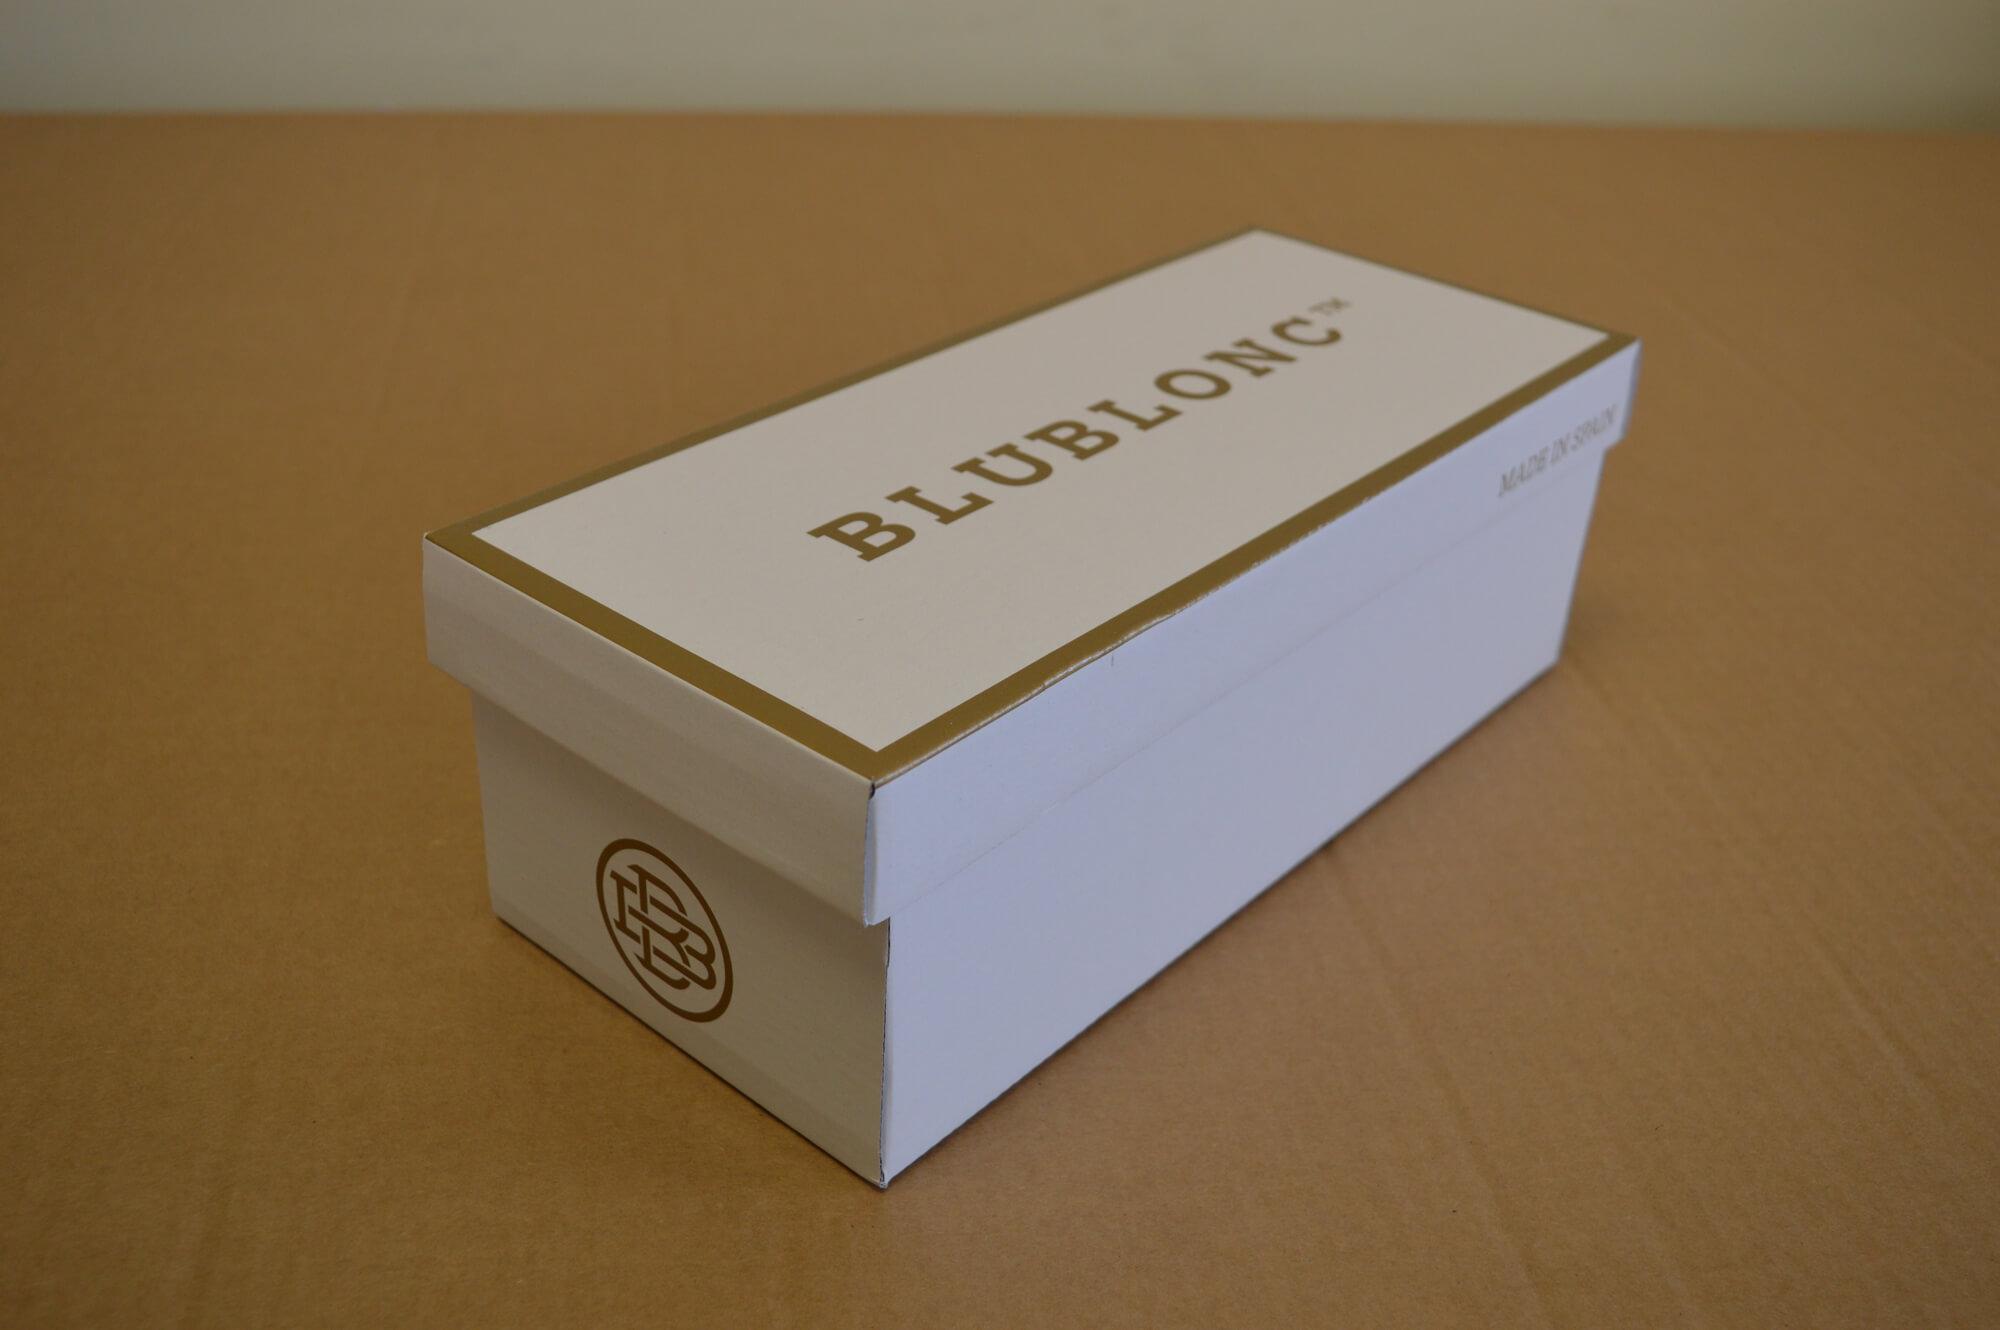 Cajas Blublonc